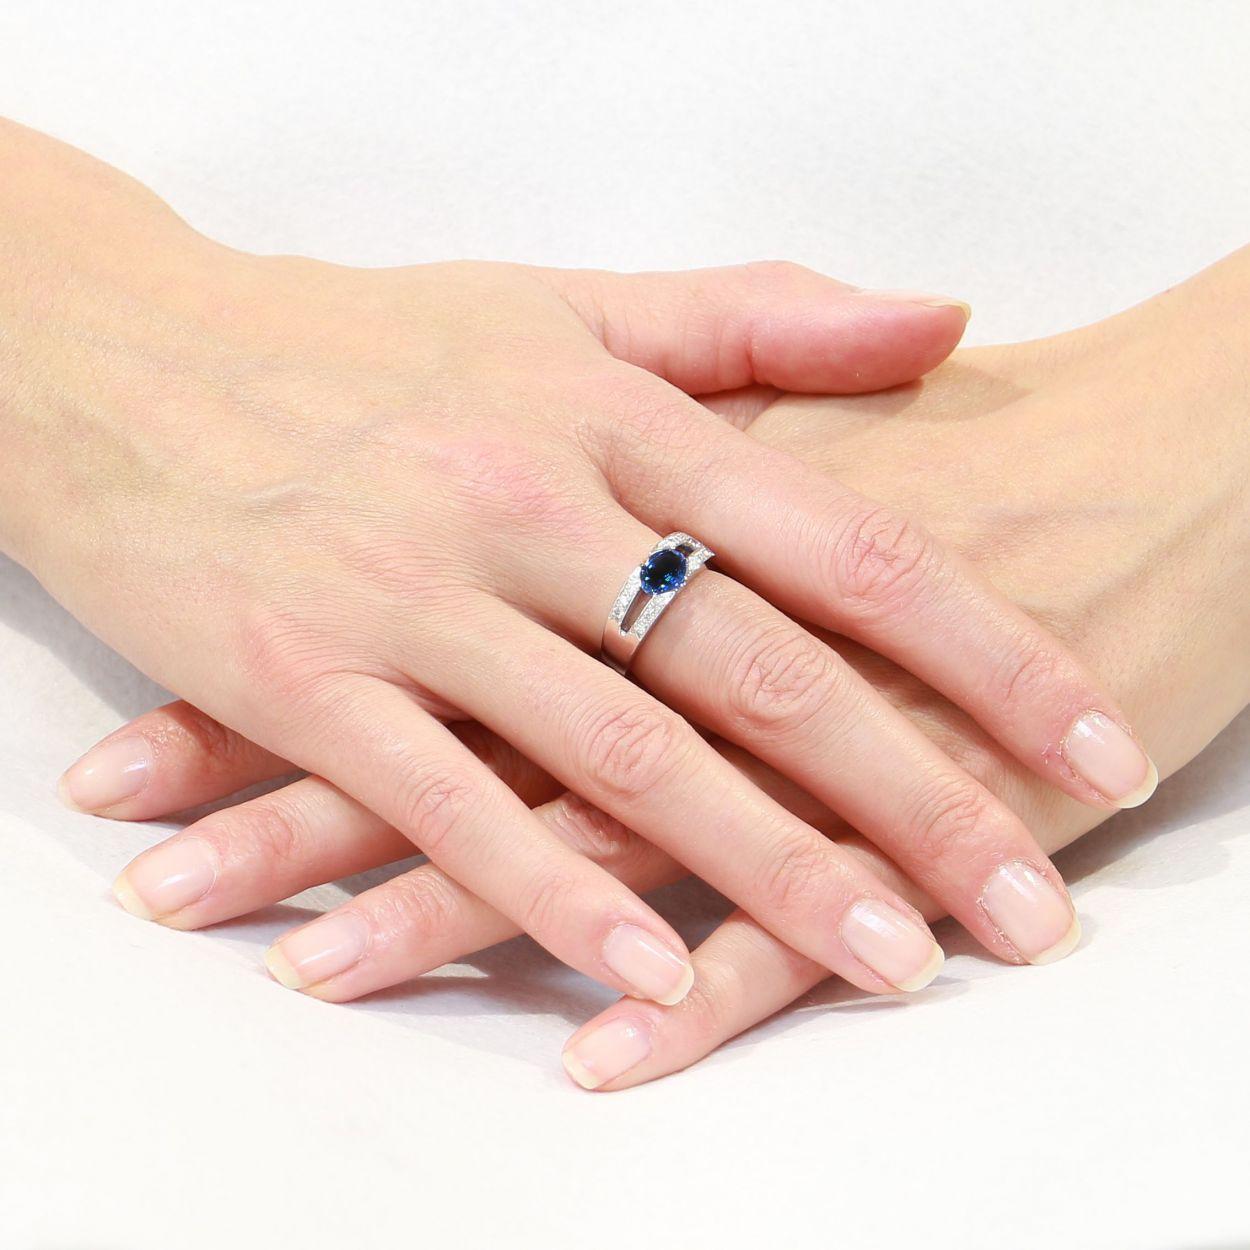 Bien-aimé Bague Or Blanc 750 Saphir Ovale 8x6mm et Diamant Ref. 41352 DX15